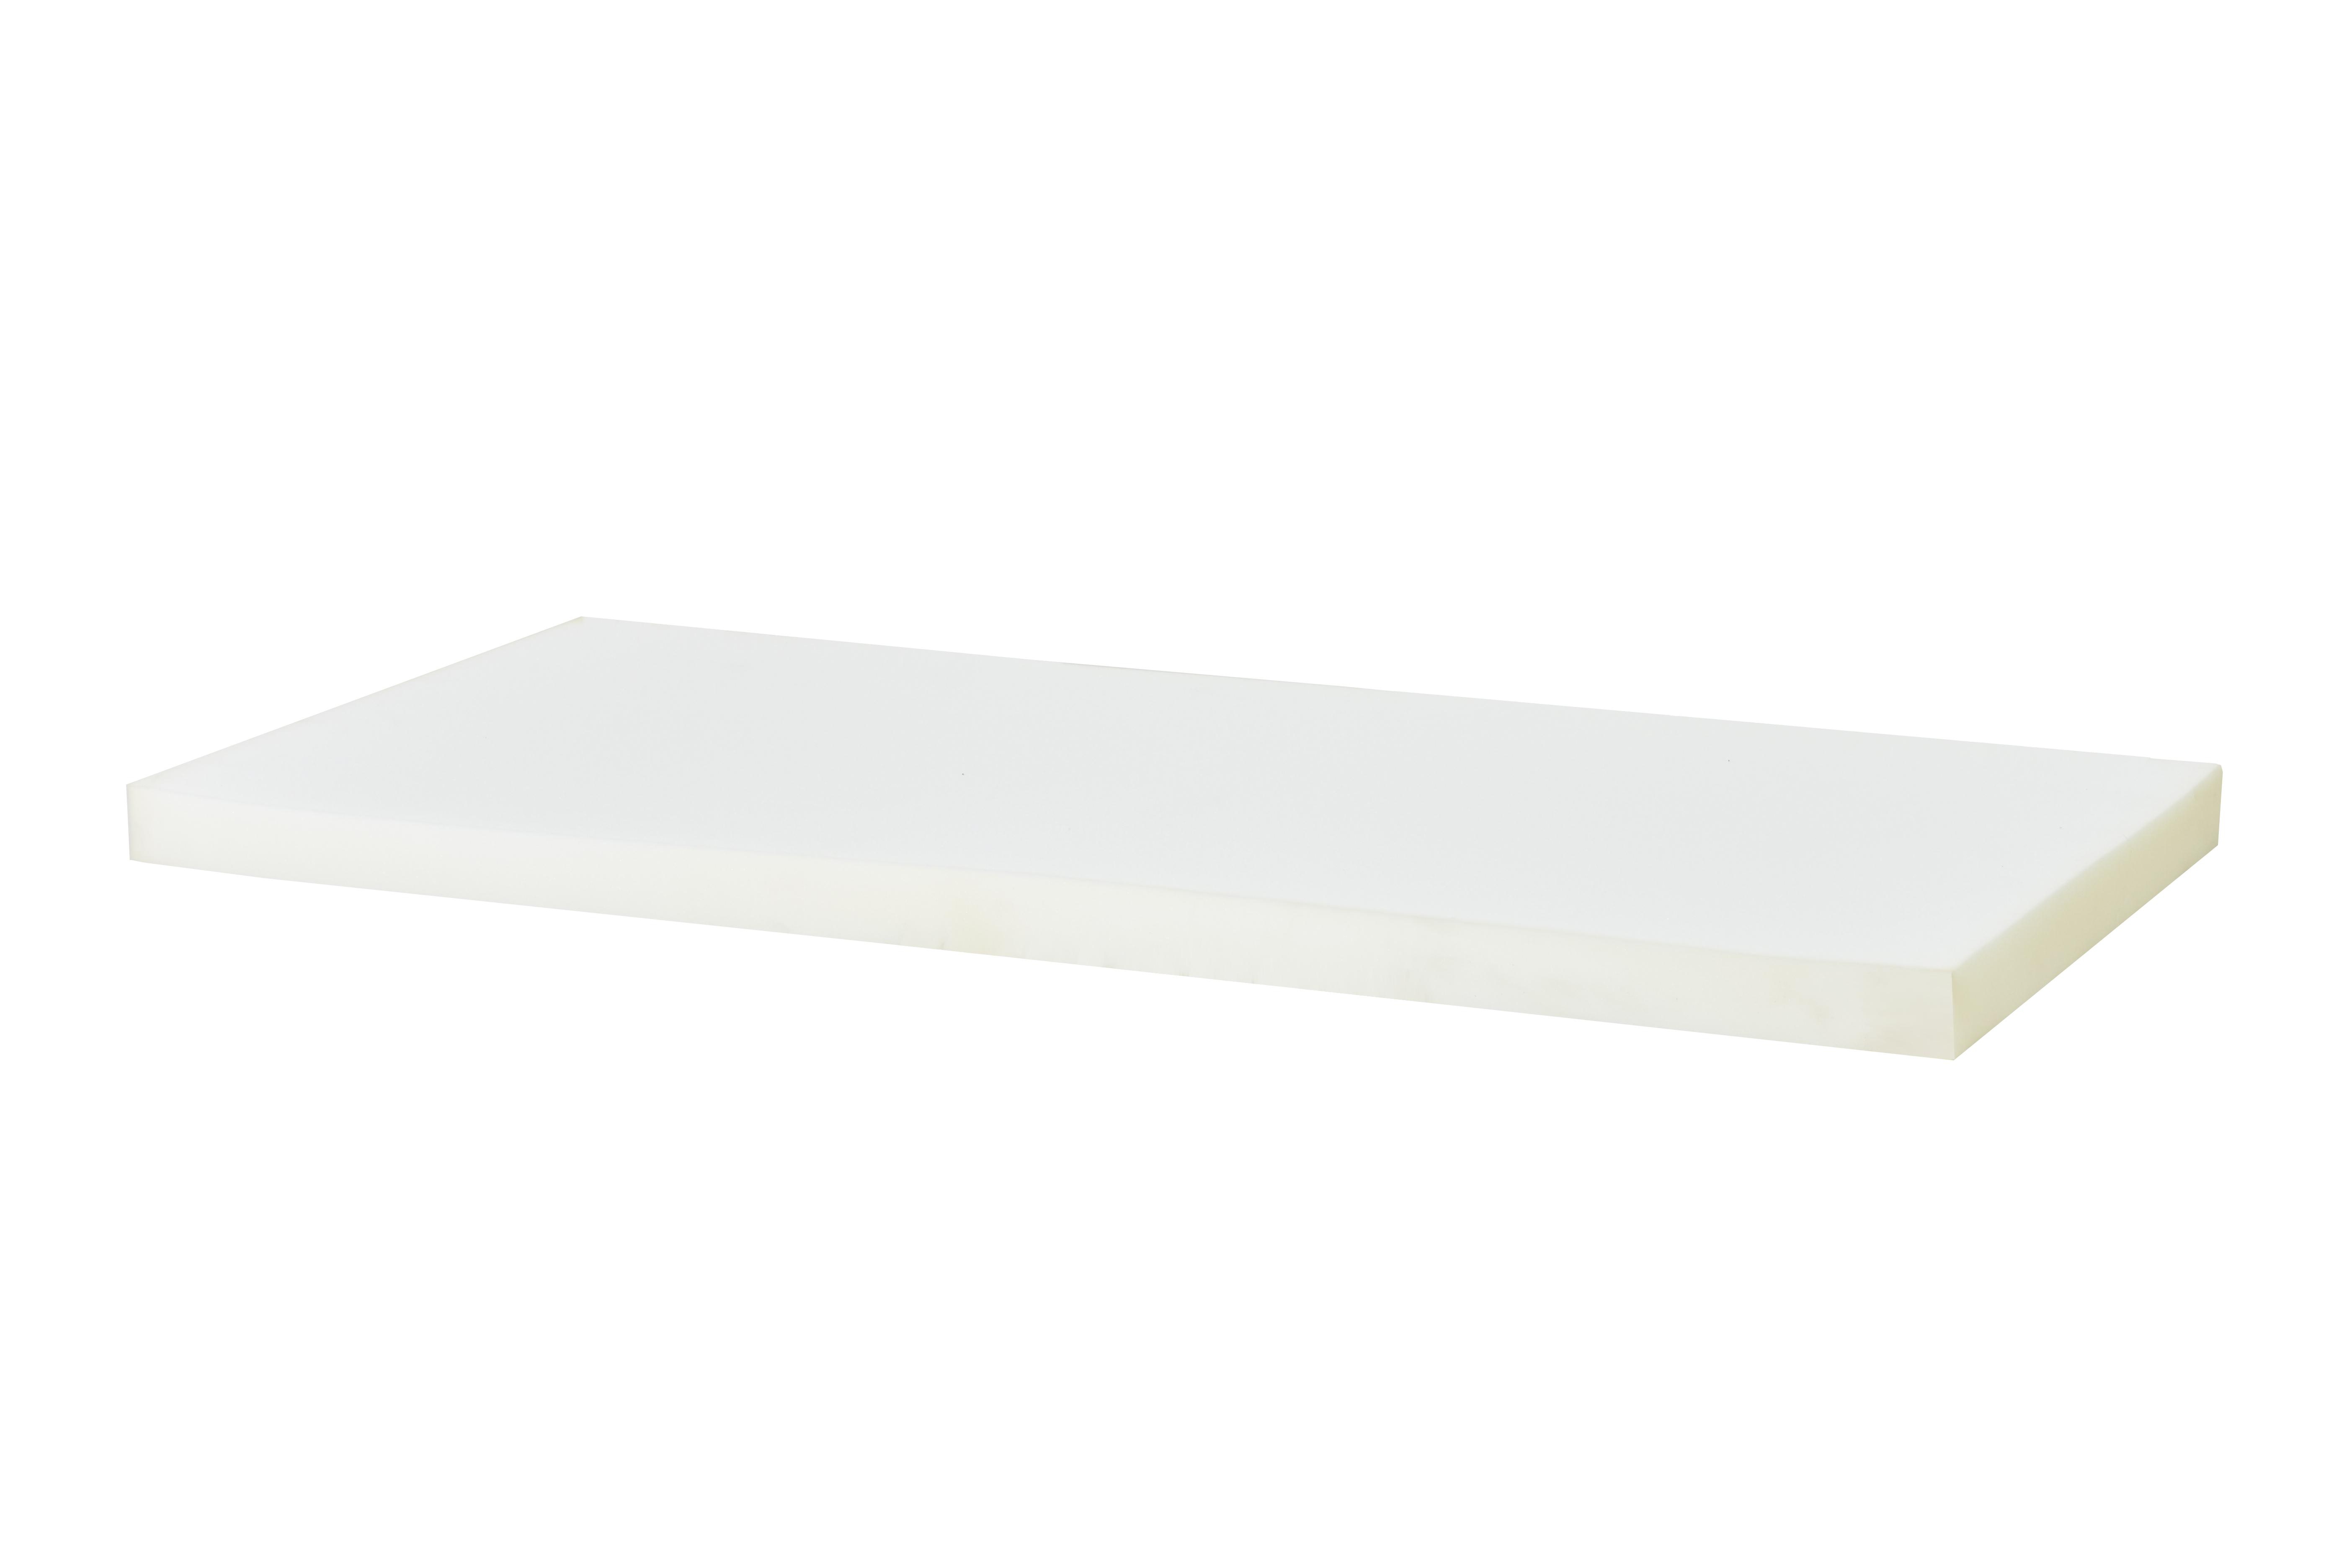 Hoppekids - Foam Mattress 9x90x200